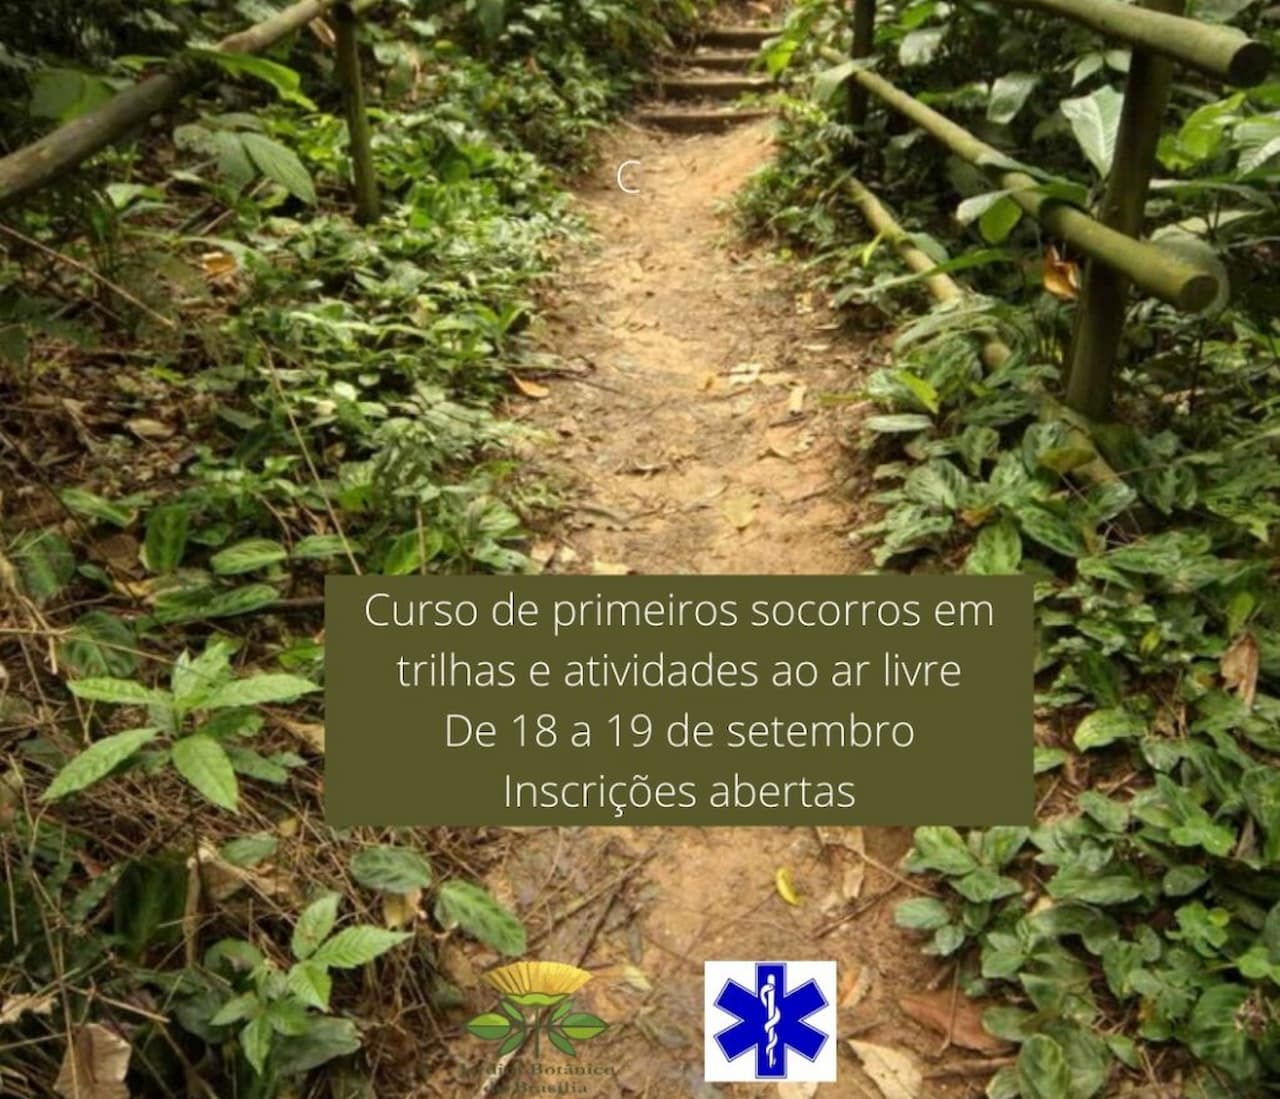 Curso de primeiros socorros em trilhas do Jardim Botânico